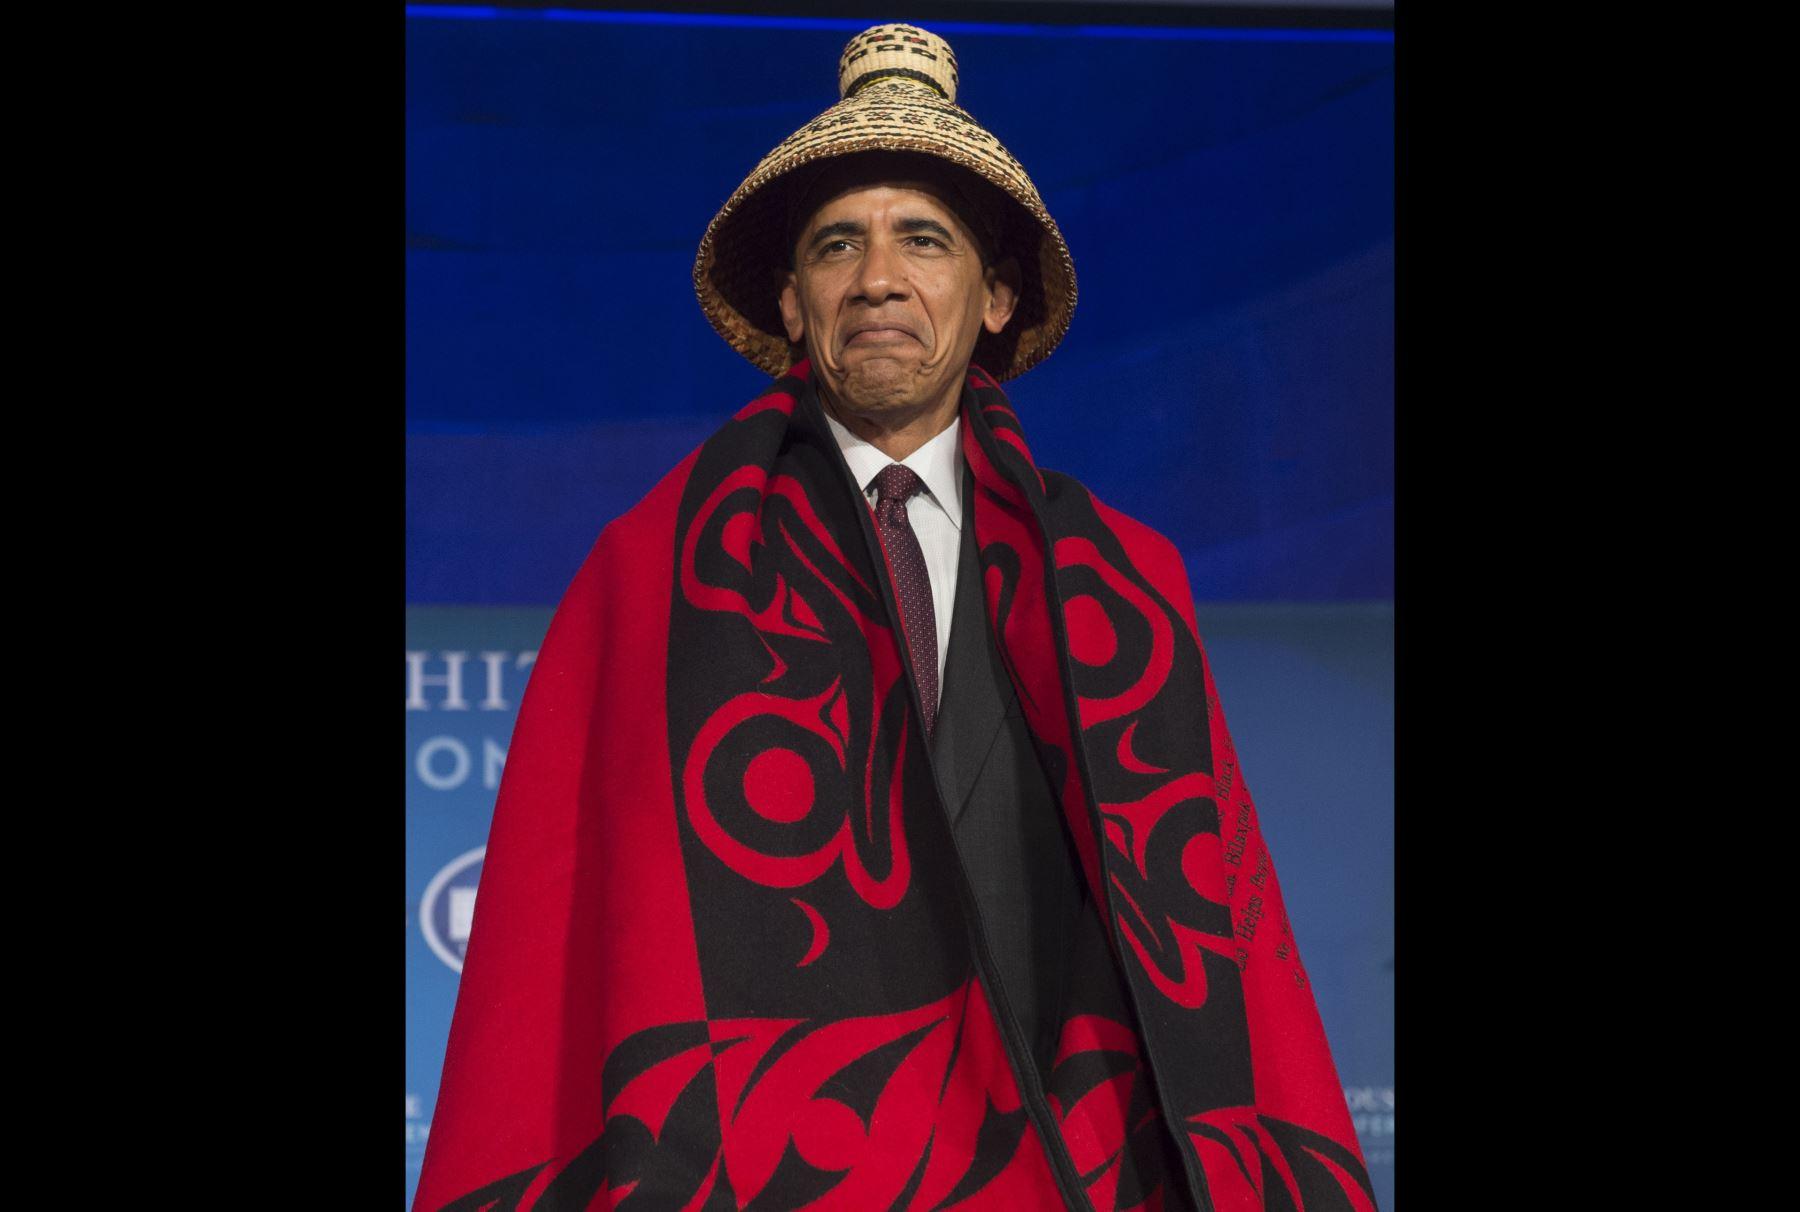 El presidente estadounidense, Barack Obama lleva una manta tradicional y el sombrero en la Conferencia de las Naciones en Washington. Foto: AFP